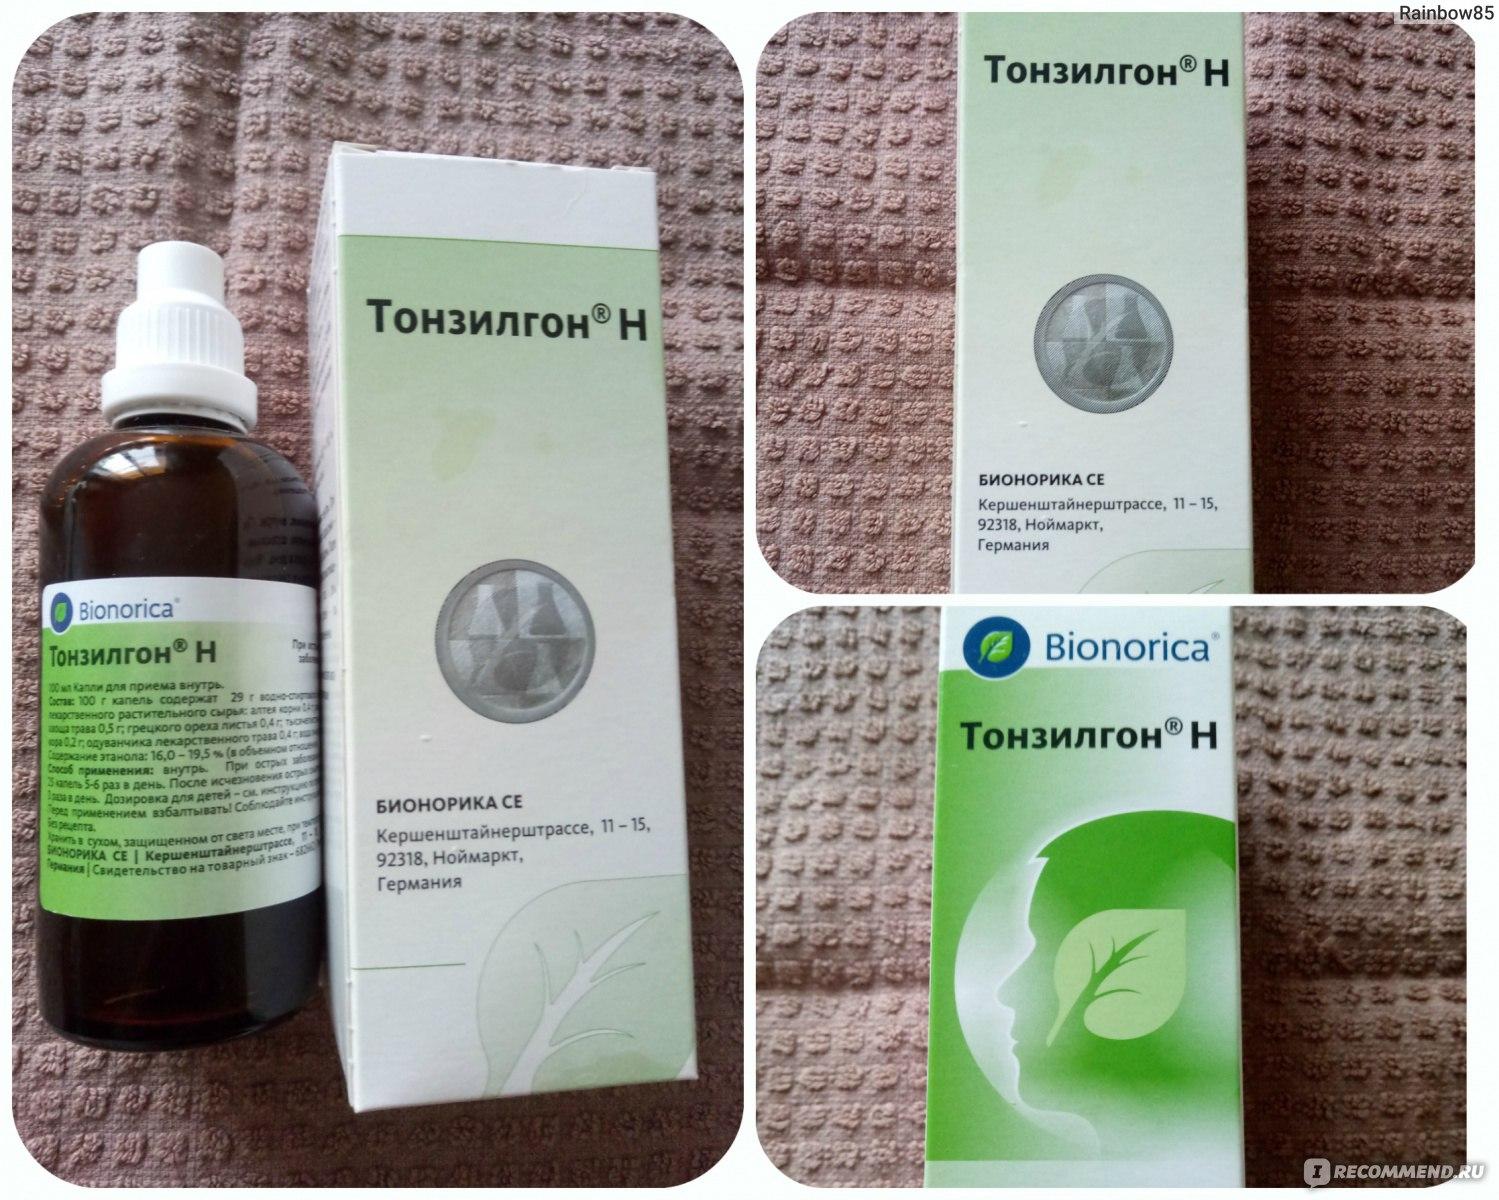 Инструкция по применению препарата тонзилгон для детей и взрослых, состав и аналоги